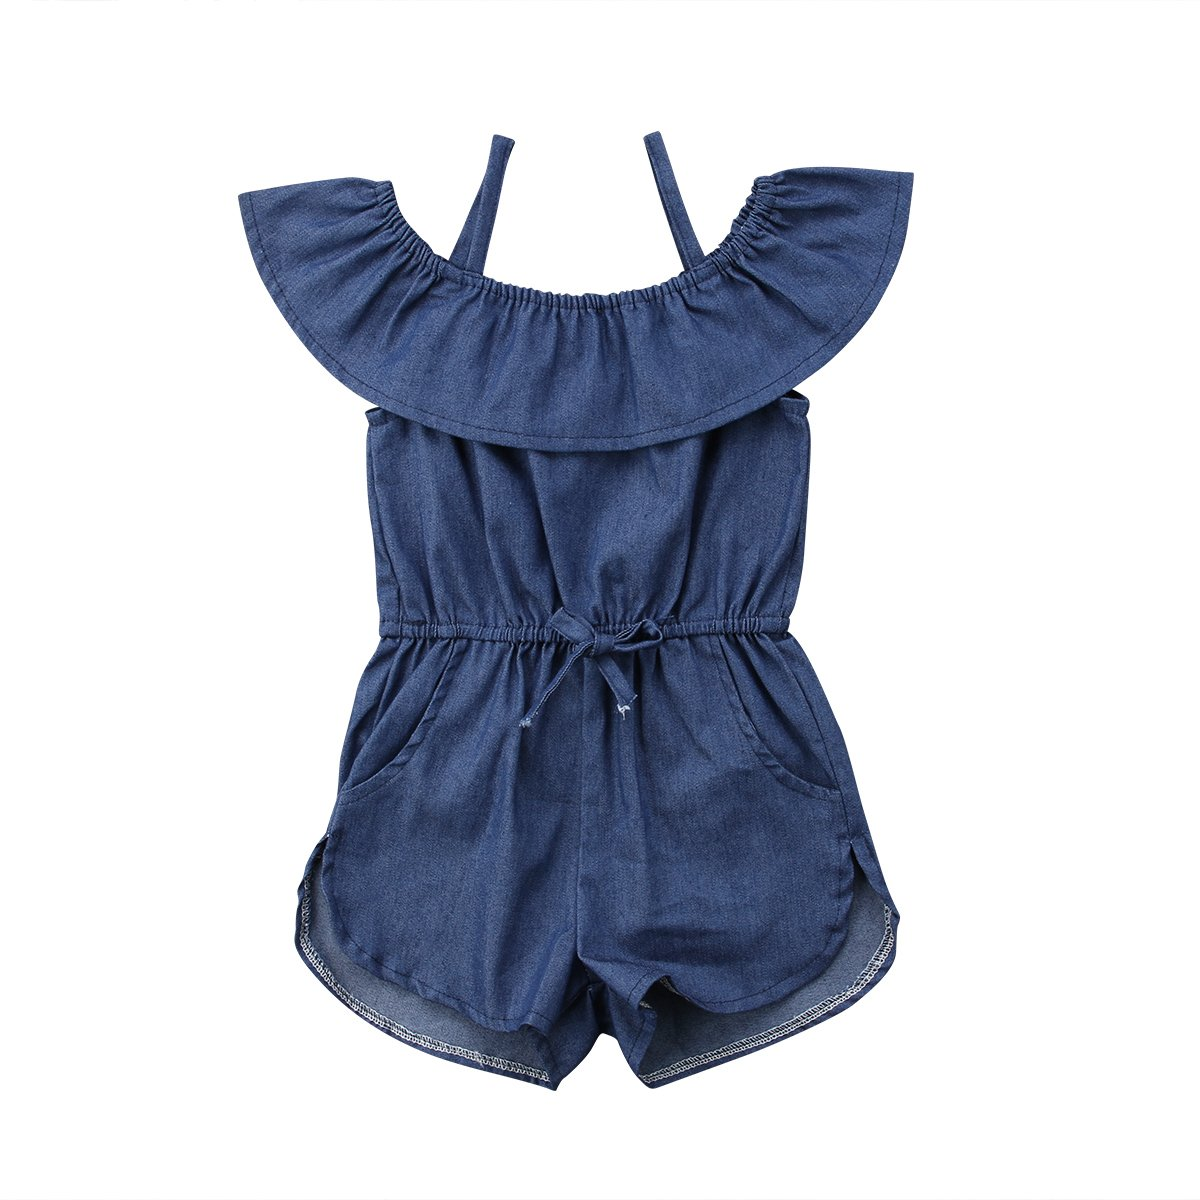 Mubineo Toddler Little Girl Demin Off Shoulder Ruffle Pocket Romper Jumpsuit Clothes Set (Blue, 2-3T)